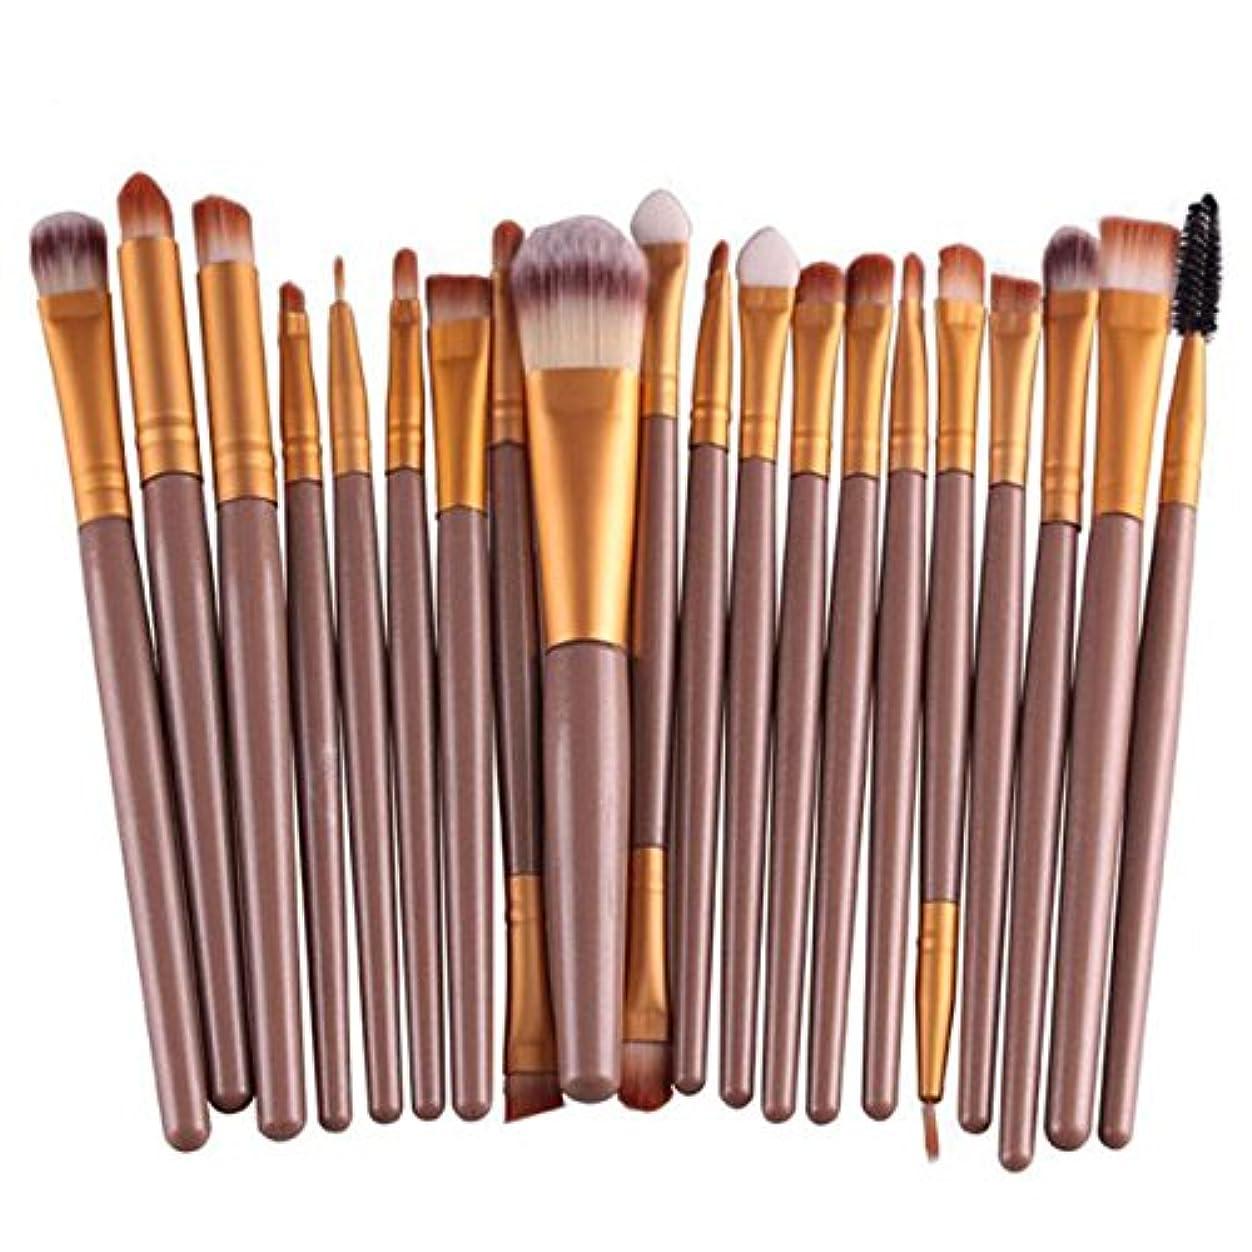 アーティキュレーション不毛スピリチュアルProfessional 20pcs/set makeup brushes Foundation Powder Eyeshadow Blush Eyebrow Lip brush cosmetic tools maquiagem